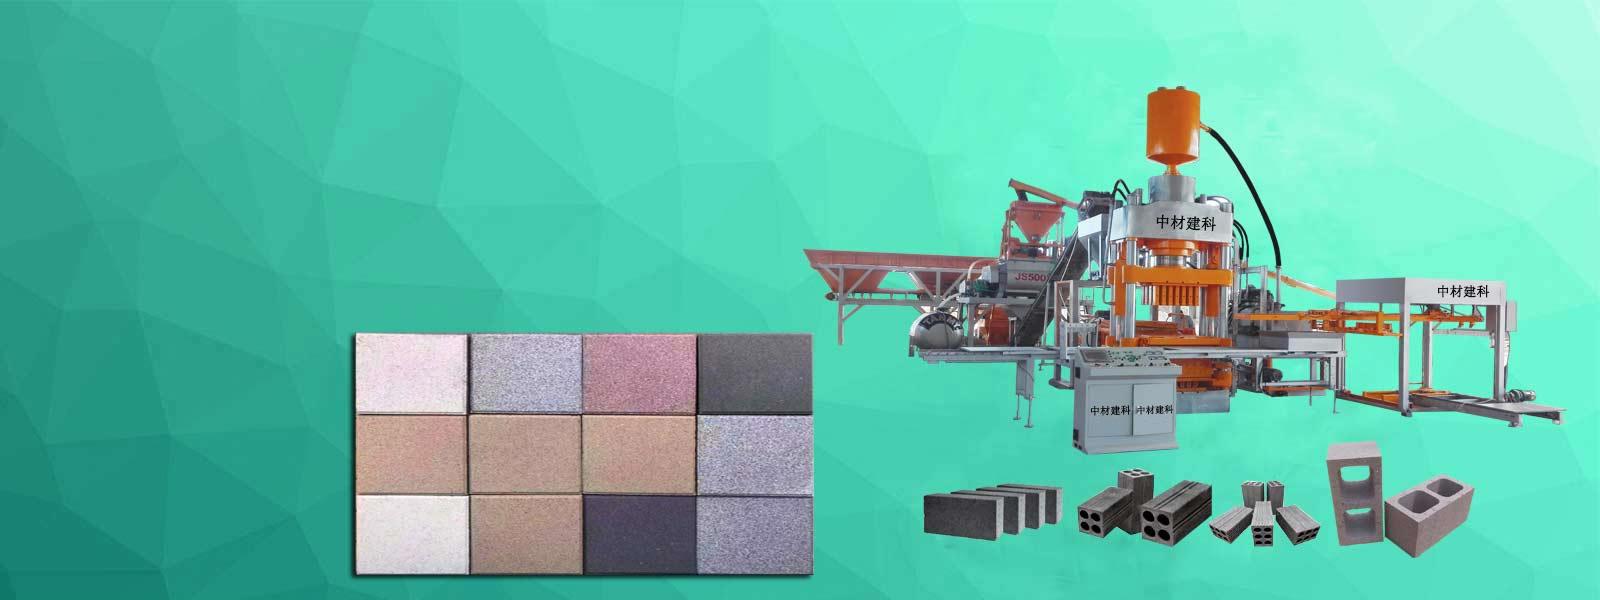 全自动静压仿石砖机生产PC仿石砖将成主流设备